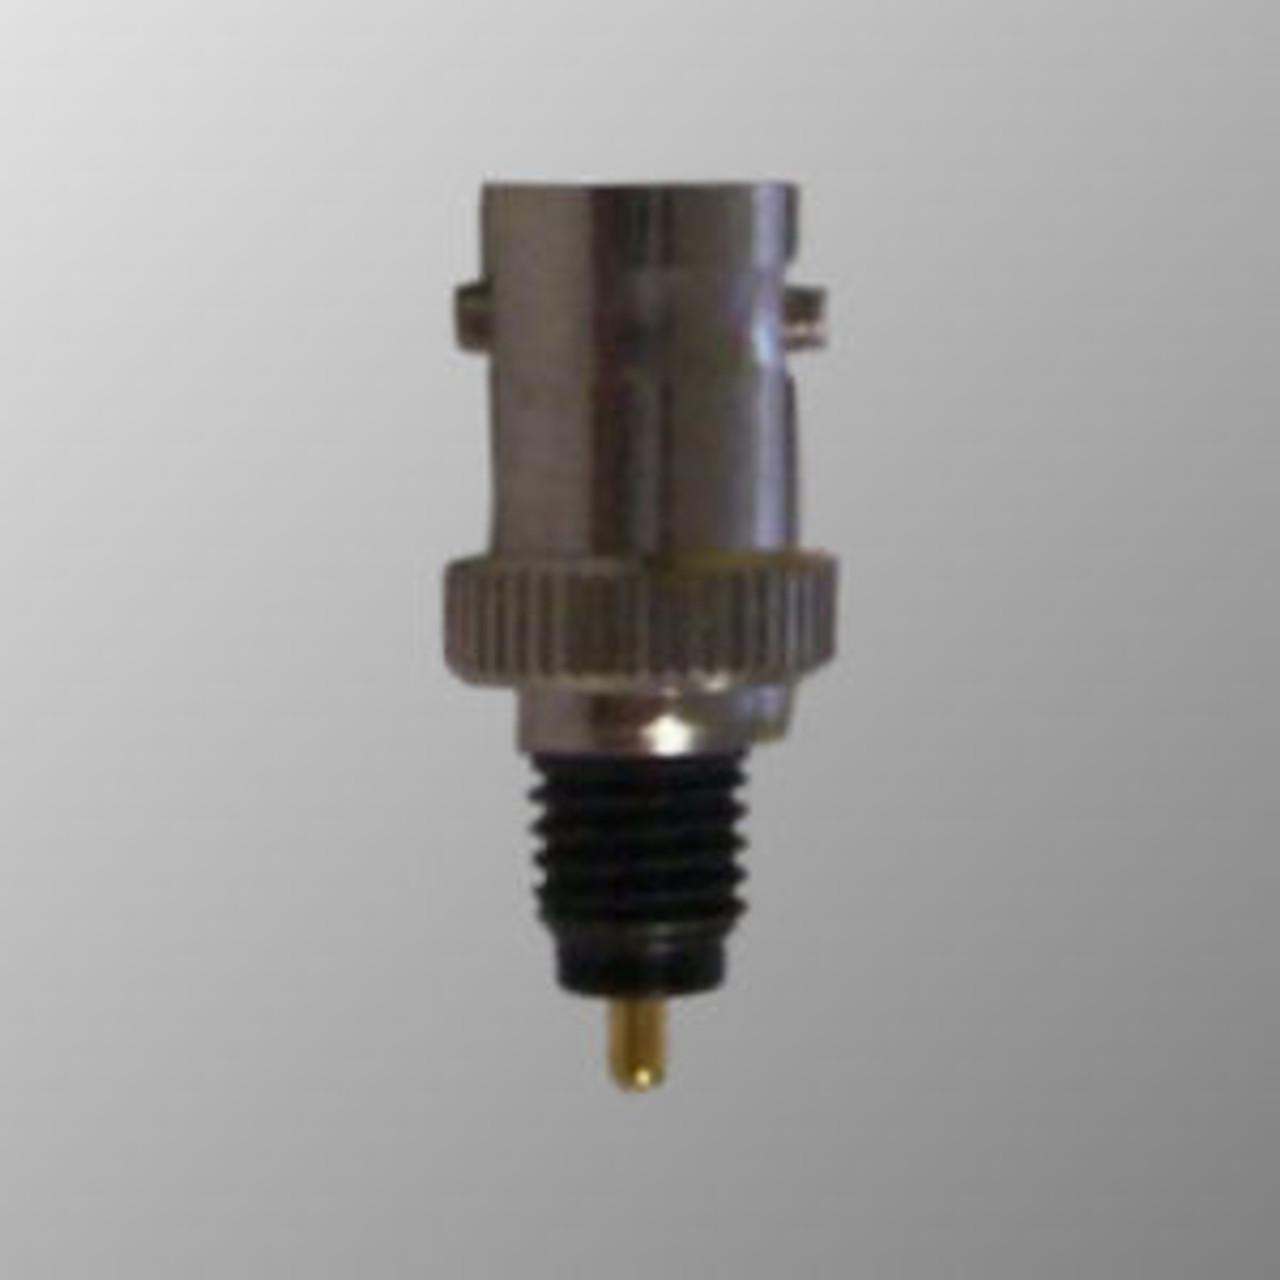 GE / Ericsson MRK VHF/UHF Long Range External Mag Mount Antenna Kit- 132-525MHz